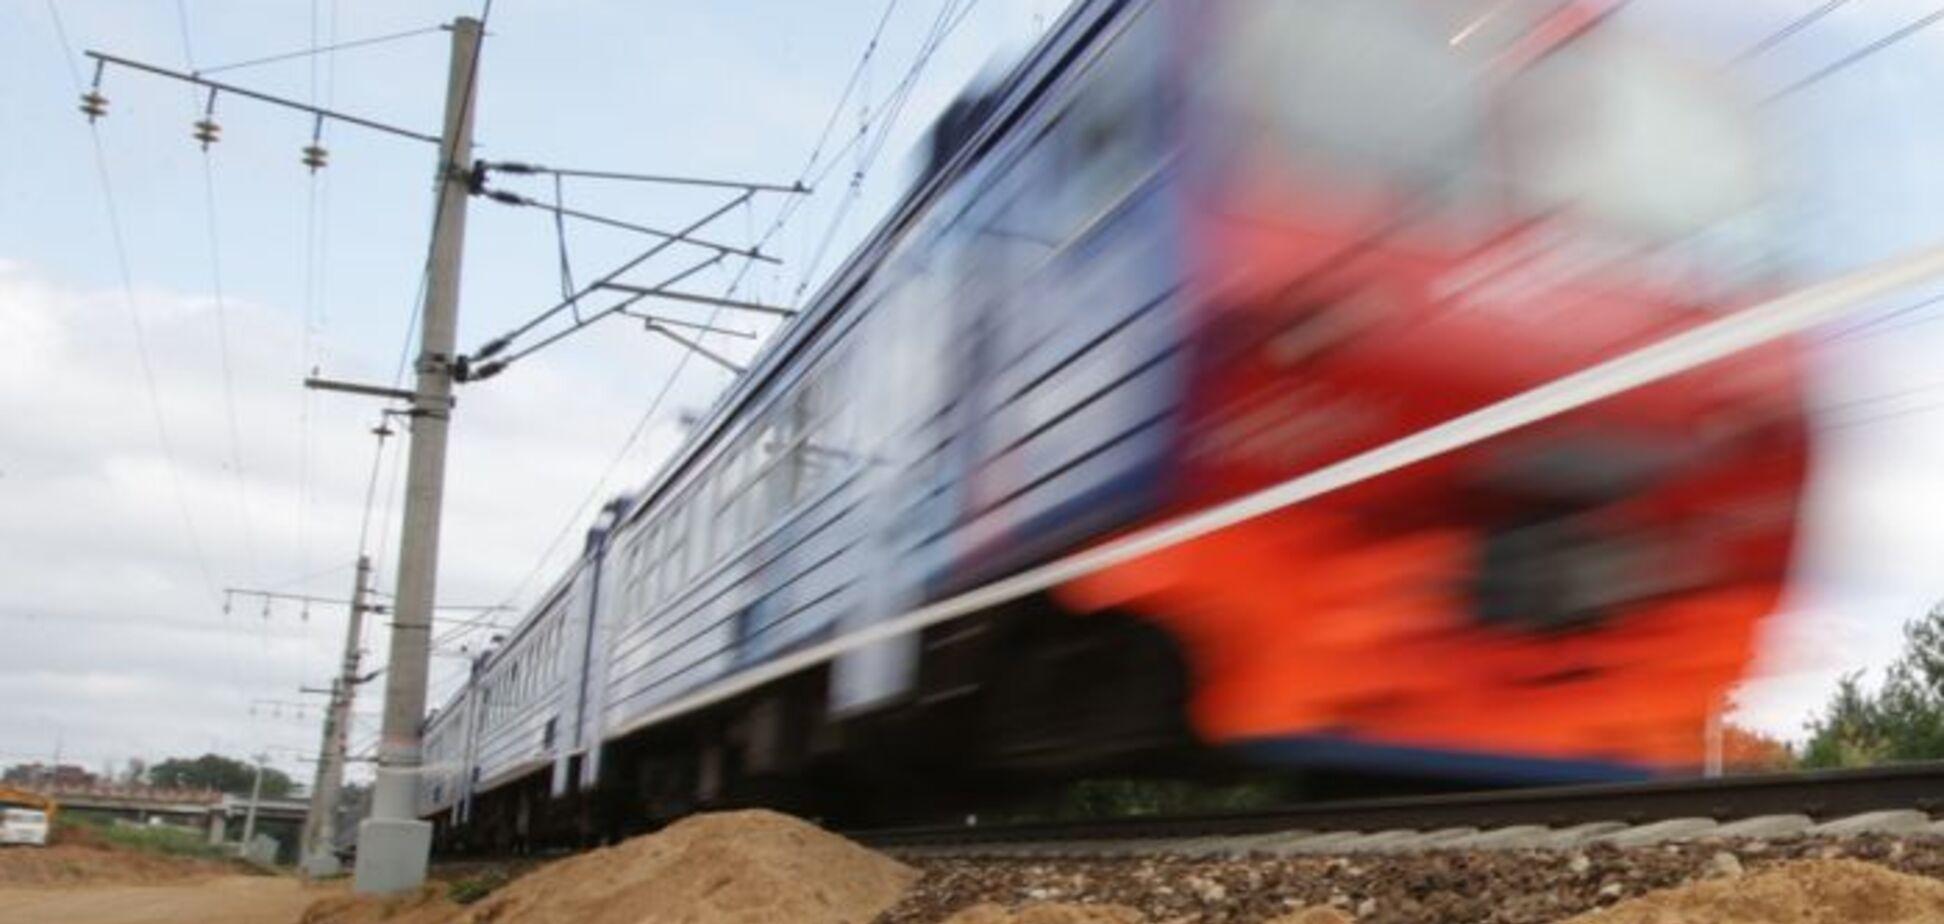 Под Днепром электричка отрезала мужчине ногу: подробности ЧП